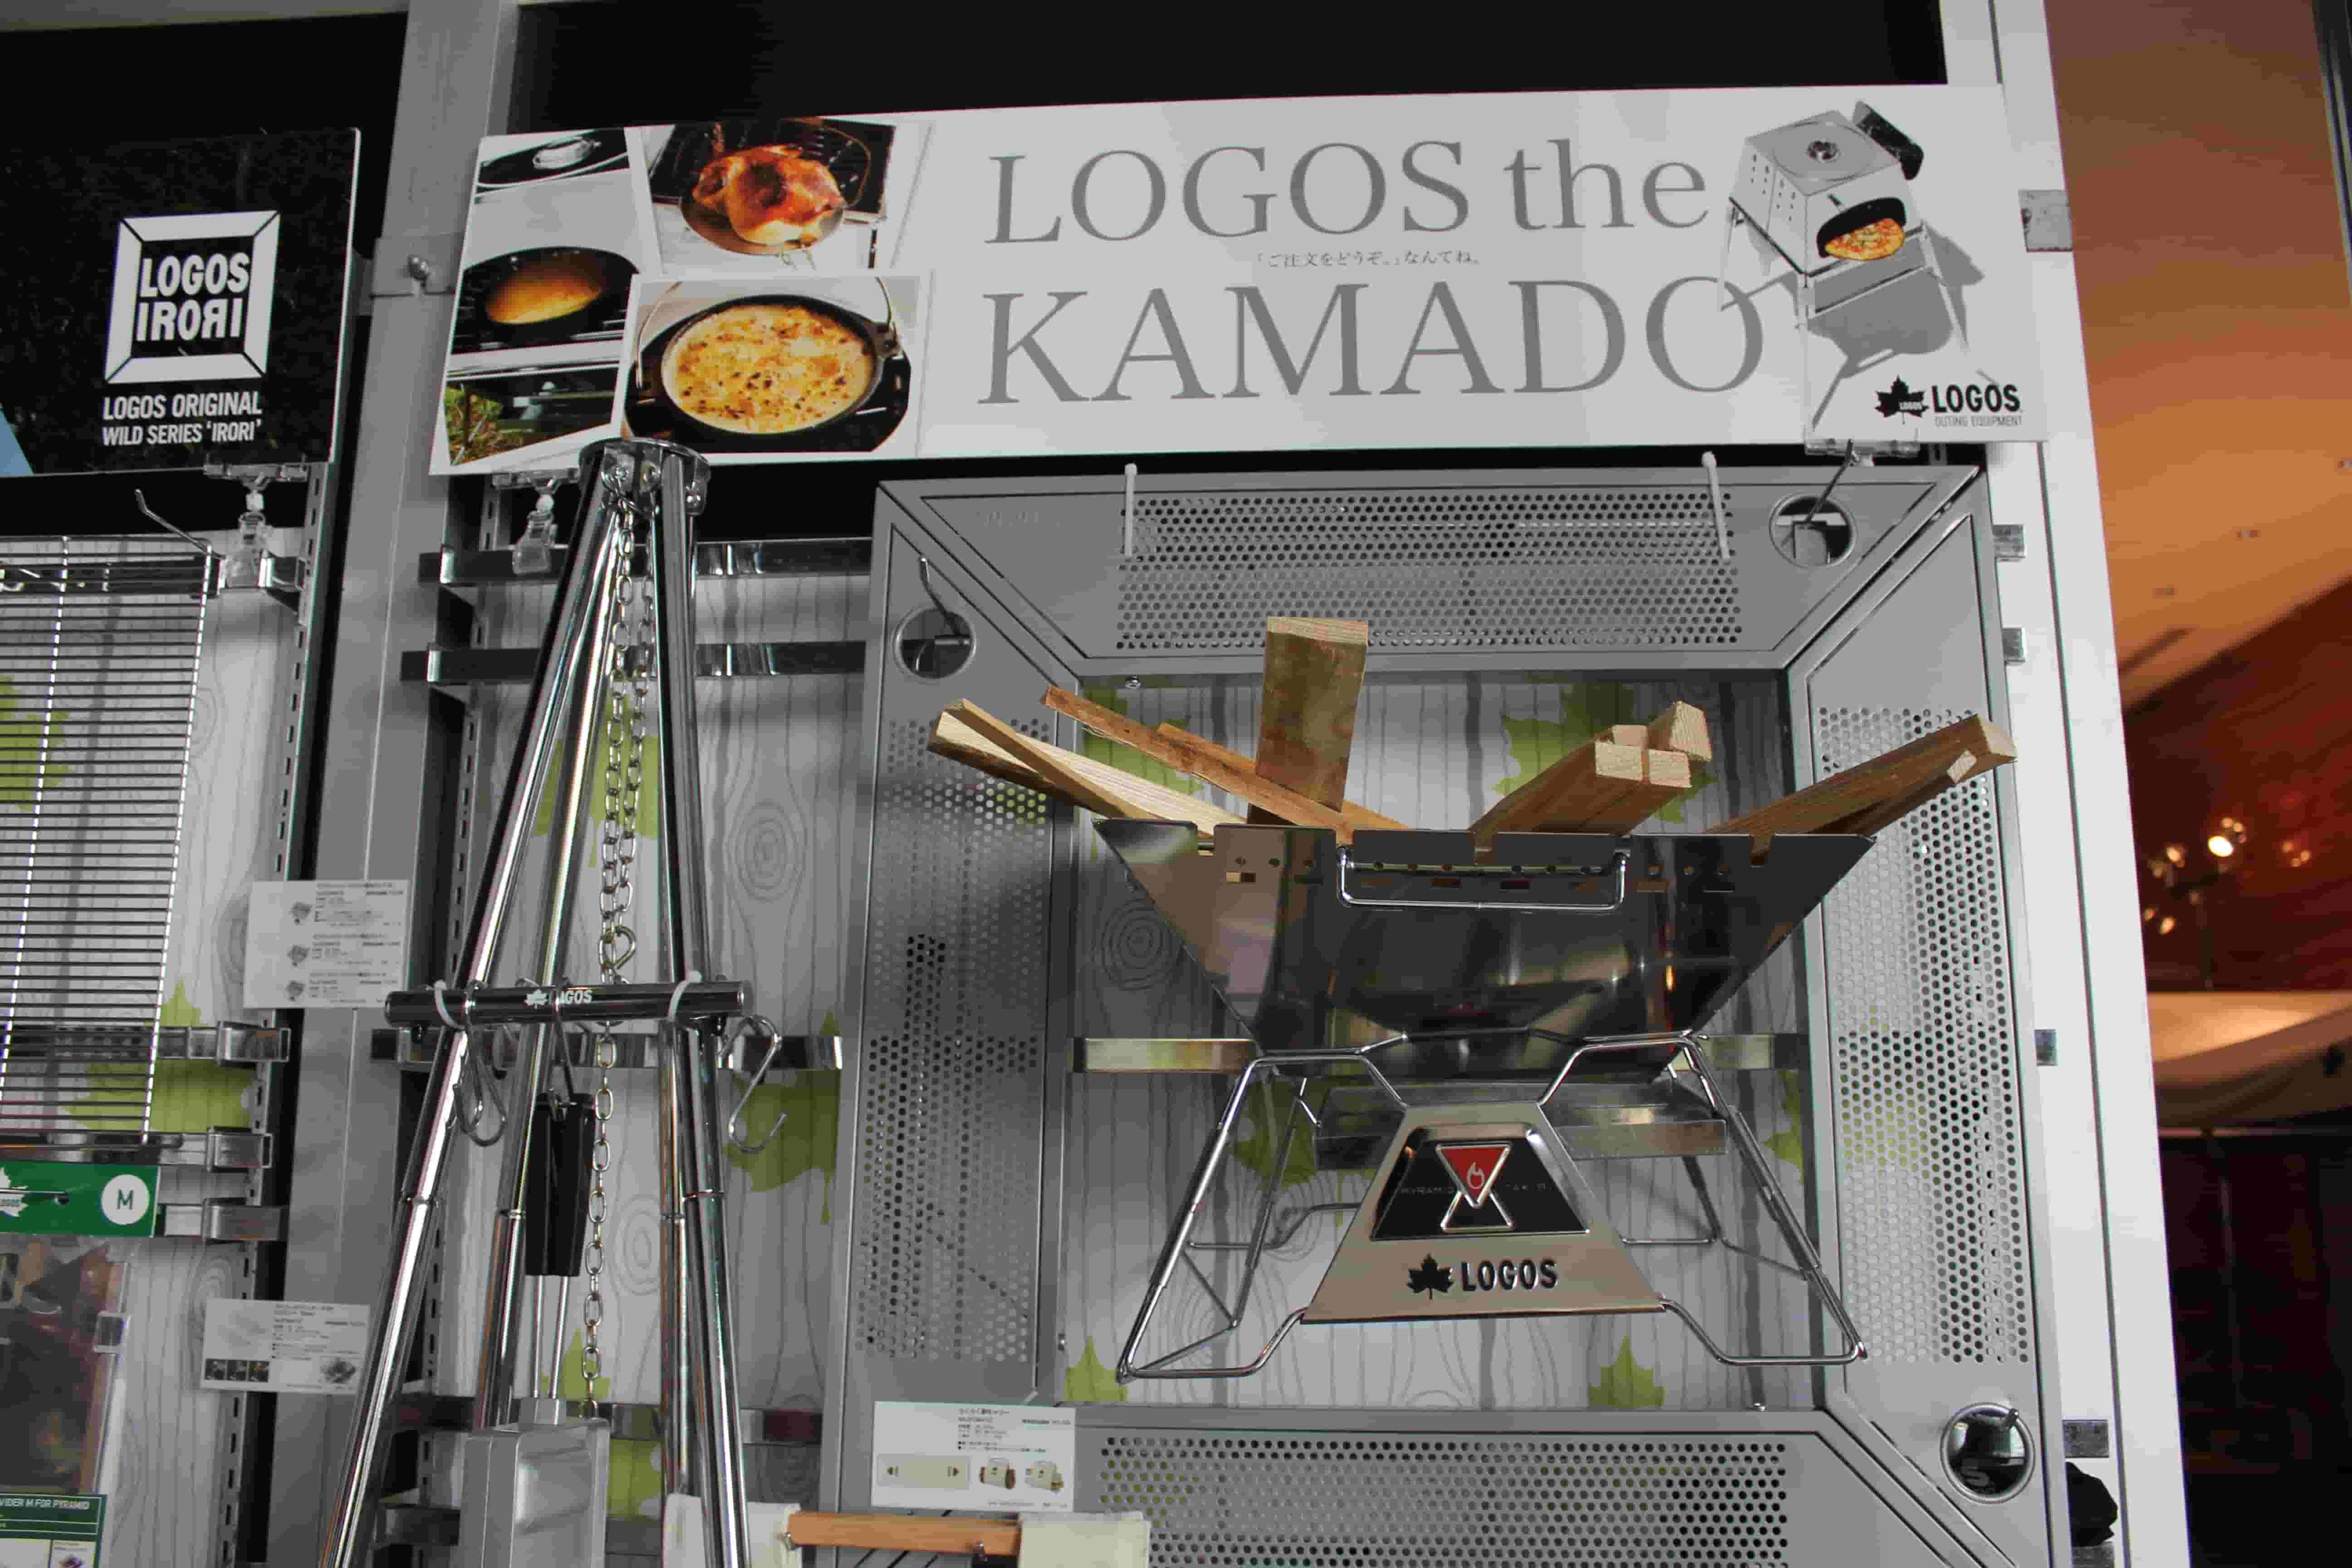 LOGOS the ピラミッド シリーズ,LOGOS , ロゴス , 019 THE LOGOS SHOW